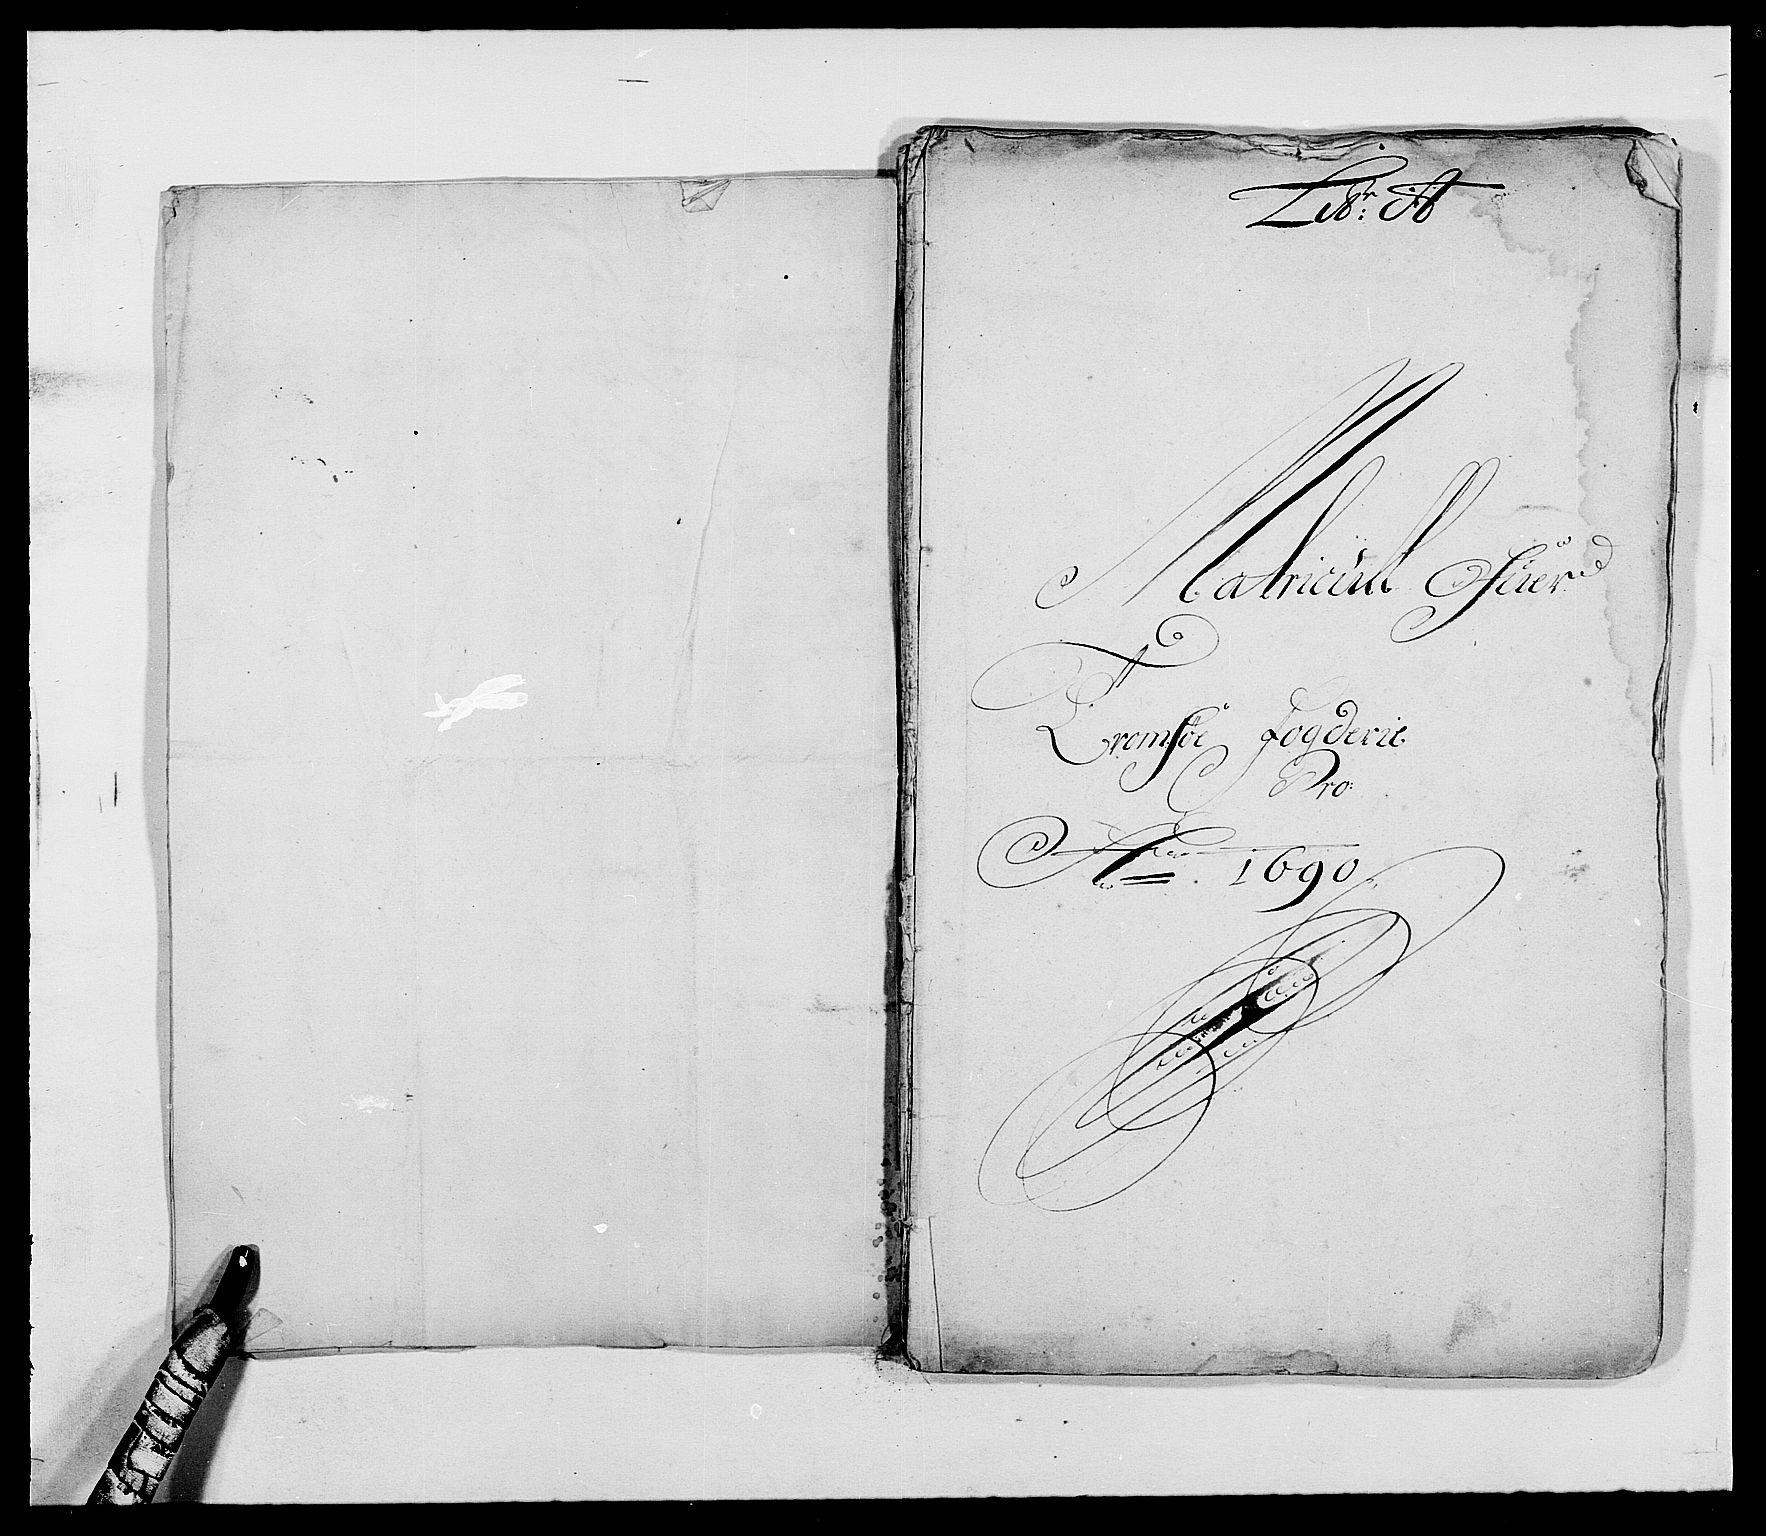 RA, Rentekammeret inntil 1814, Reviderte regnskaper, Fogderegnskap, R68/L4751: Fogderegnskap Senja og Troms, 1690-1693, s. 8